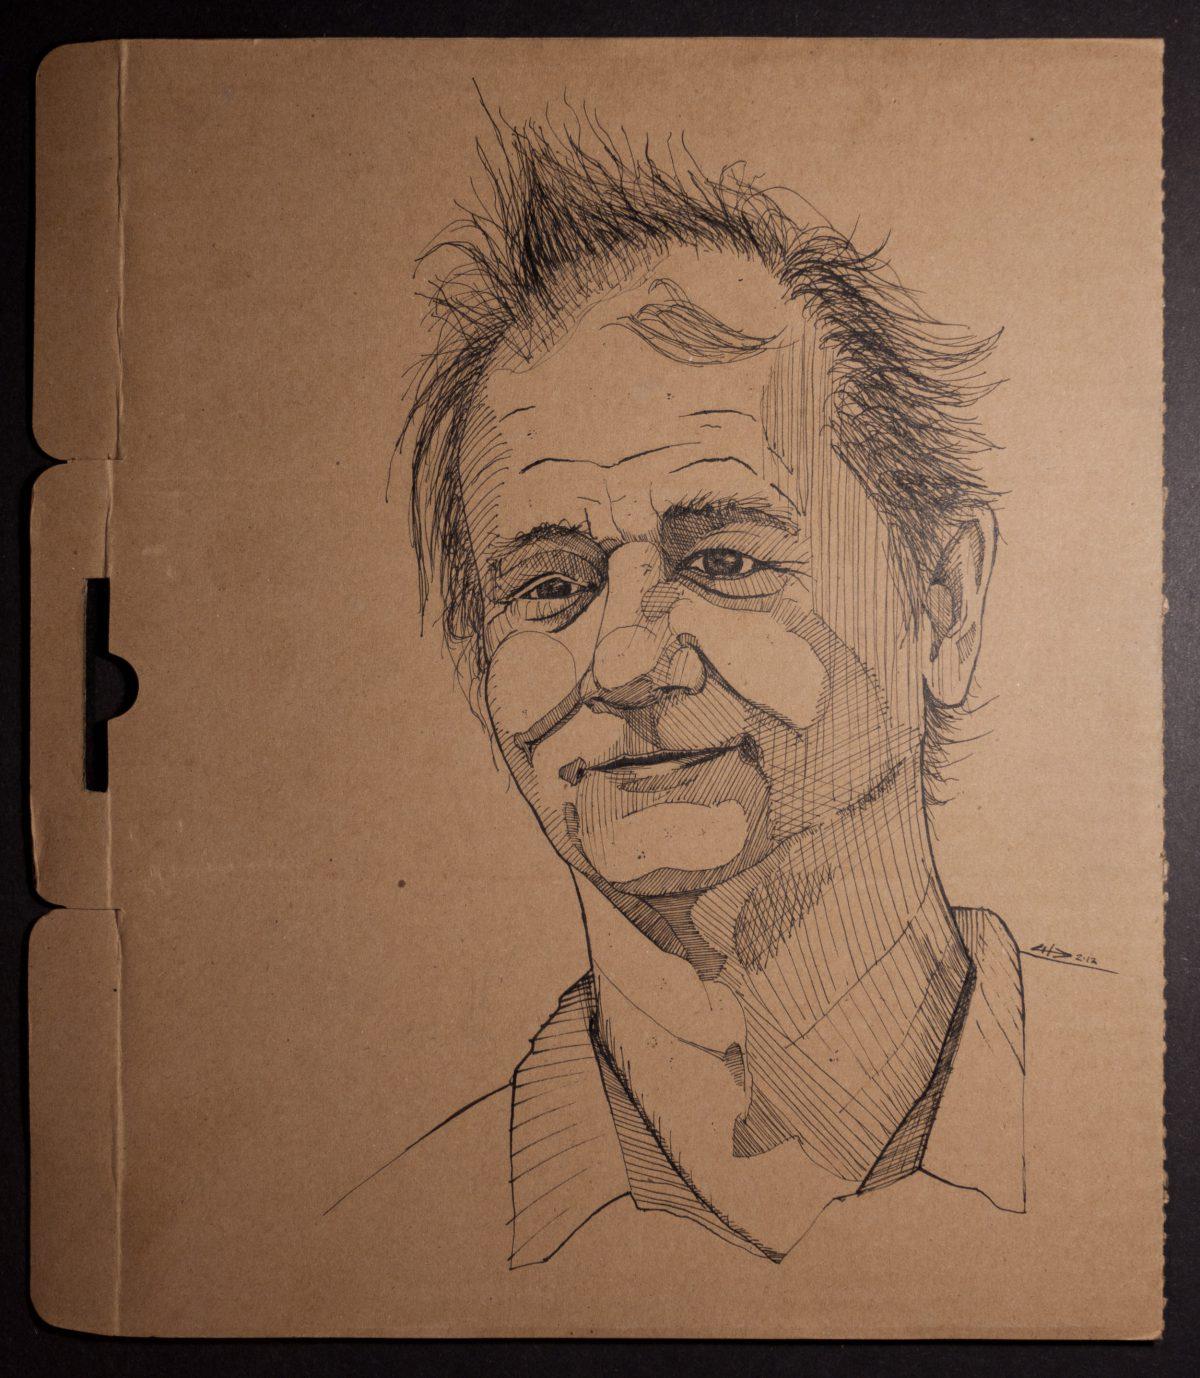 Bill Murray - 25x30cm, ink on cardboard, cardboard, ink, portrait, ch3